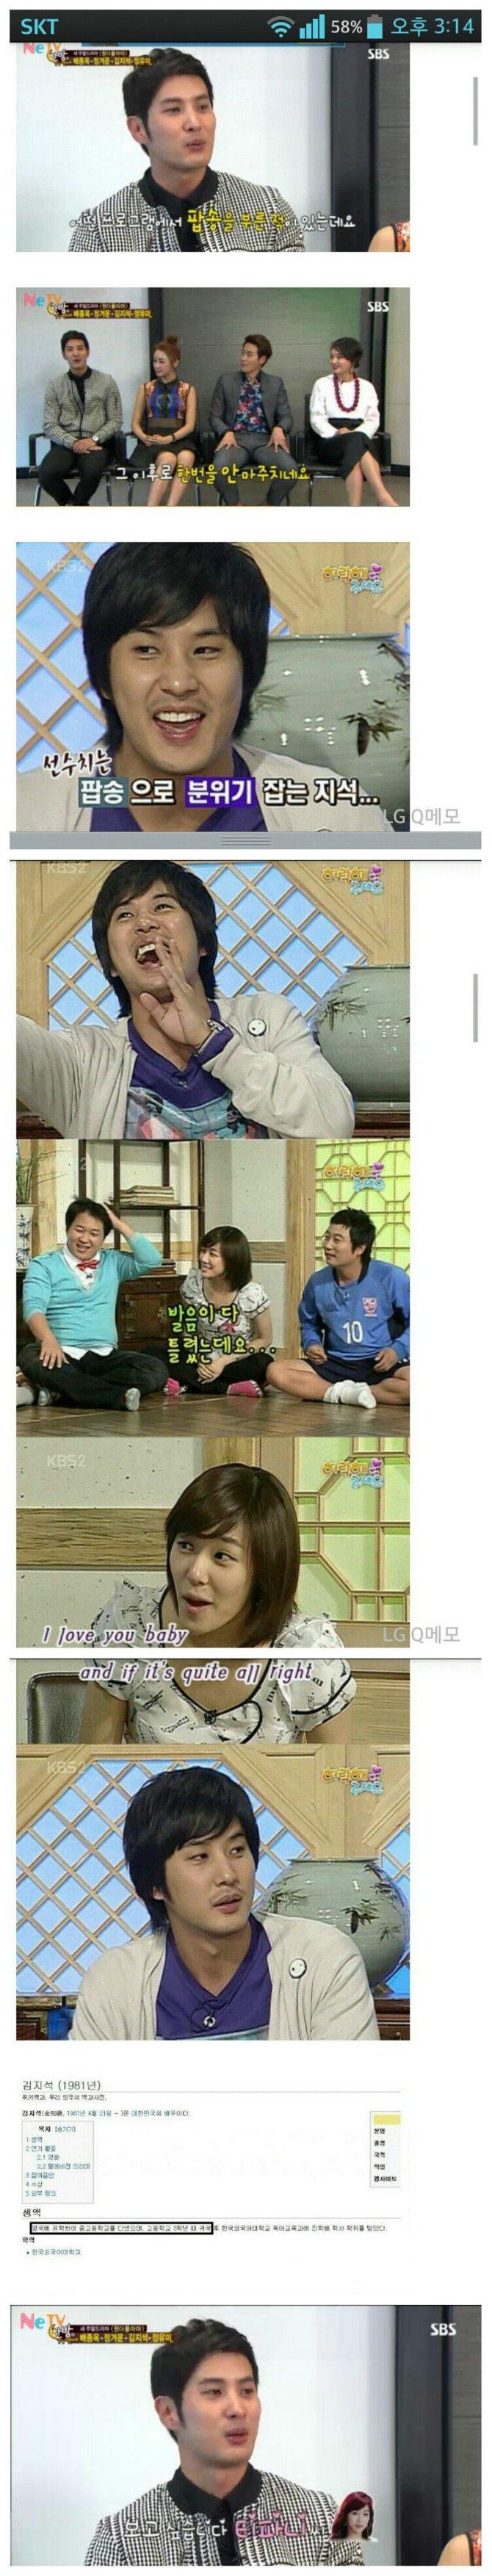 20140507173237_agbezsyp.jpg 티파니의 오지랖 티파니, 김지석 영어 발음 다 틀렸어요 사건